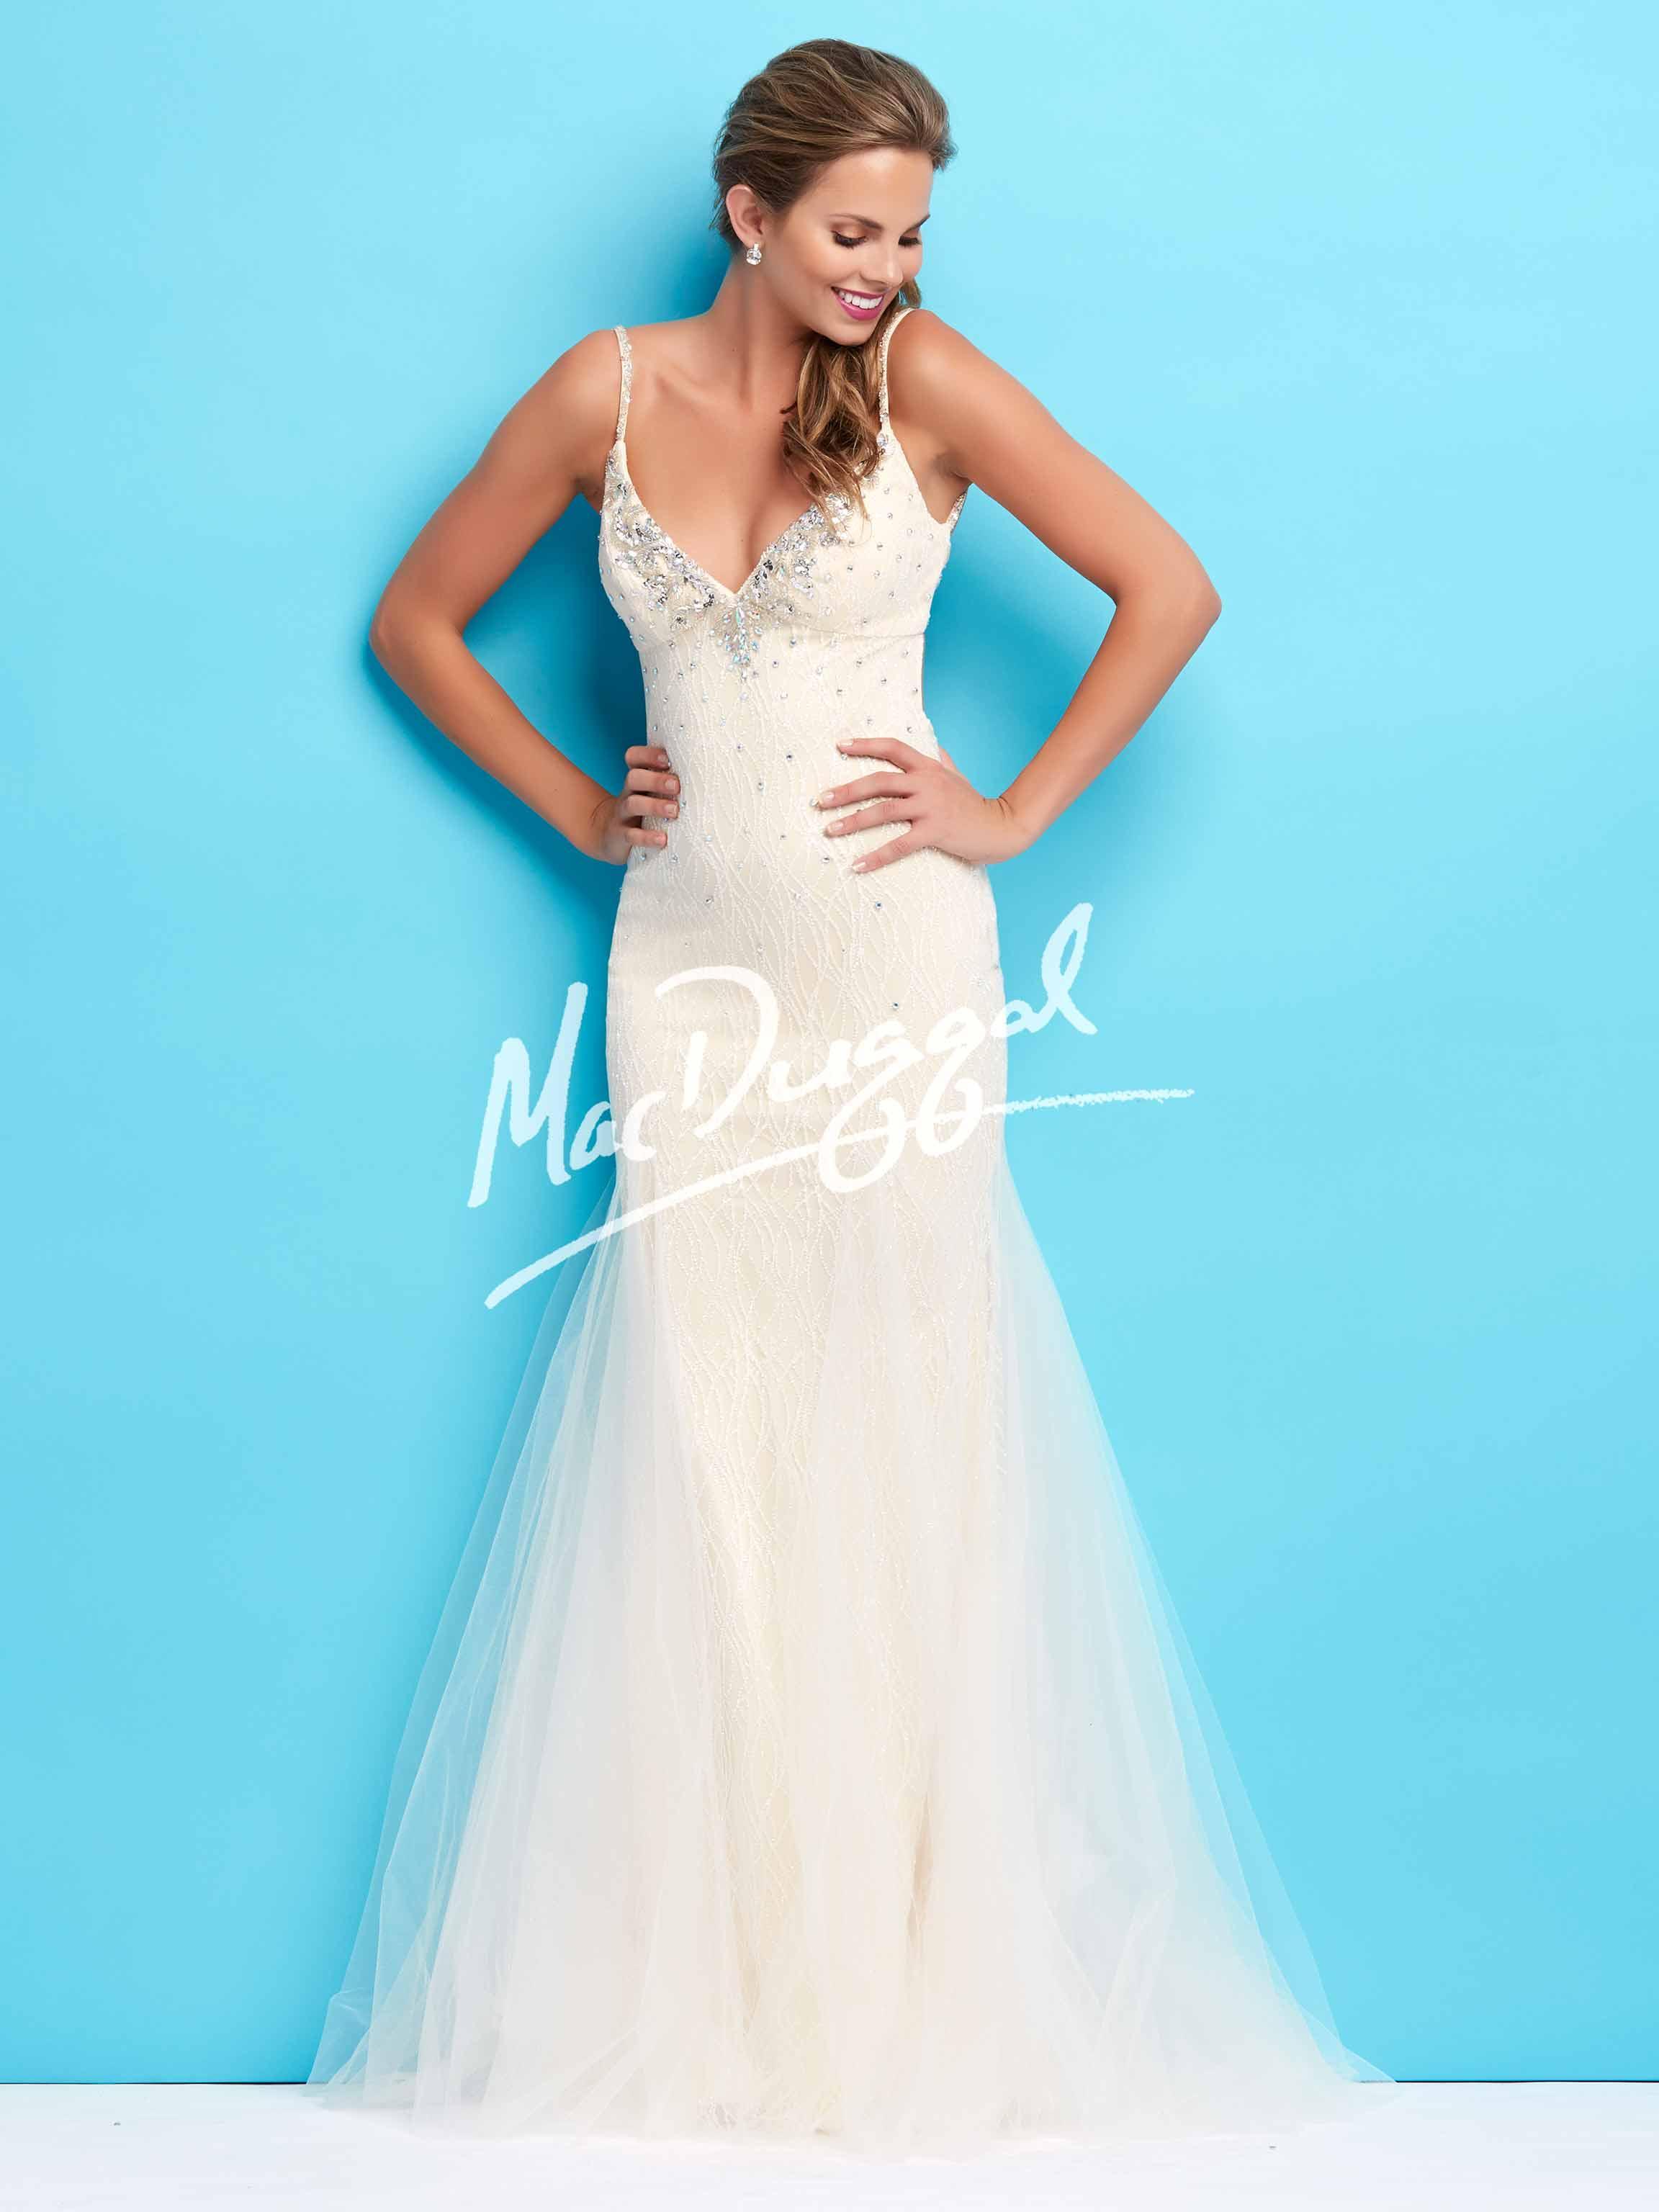 šaty Bridal výpredaj 159€